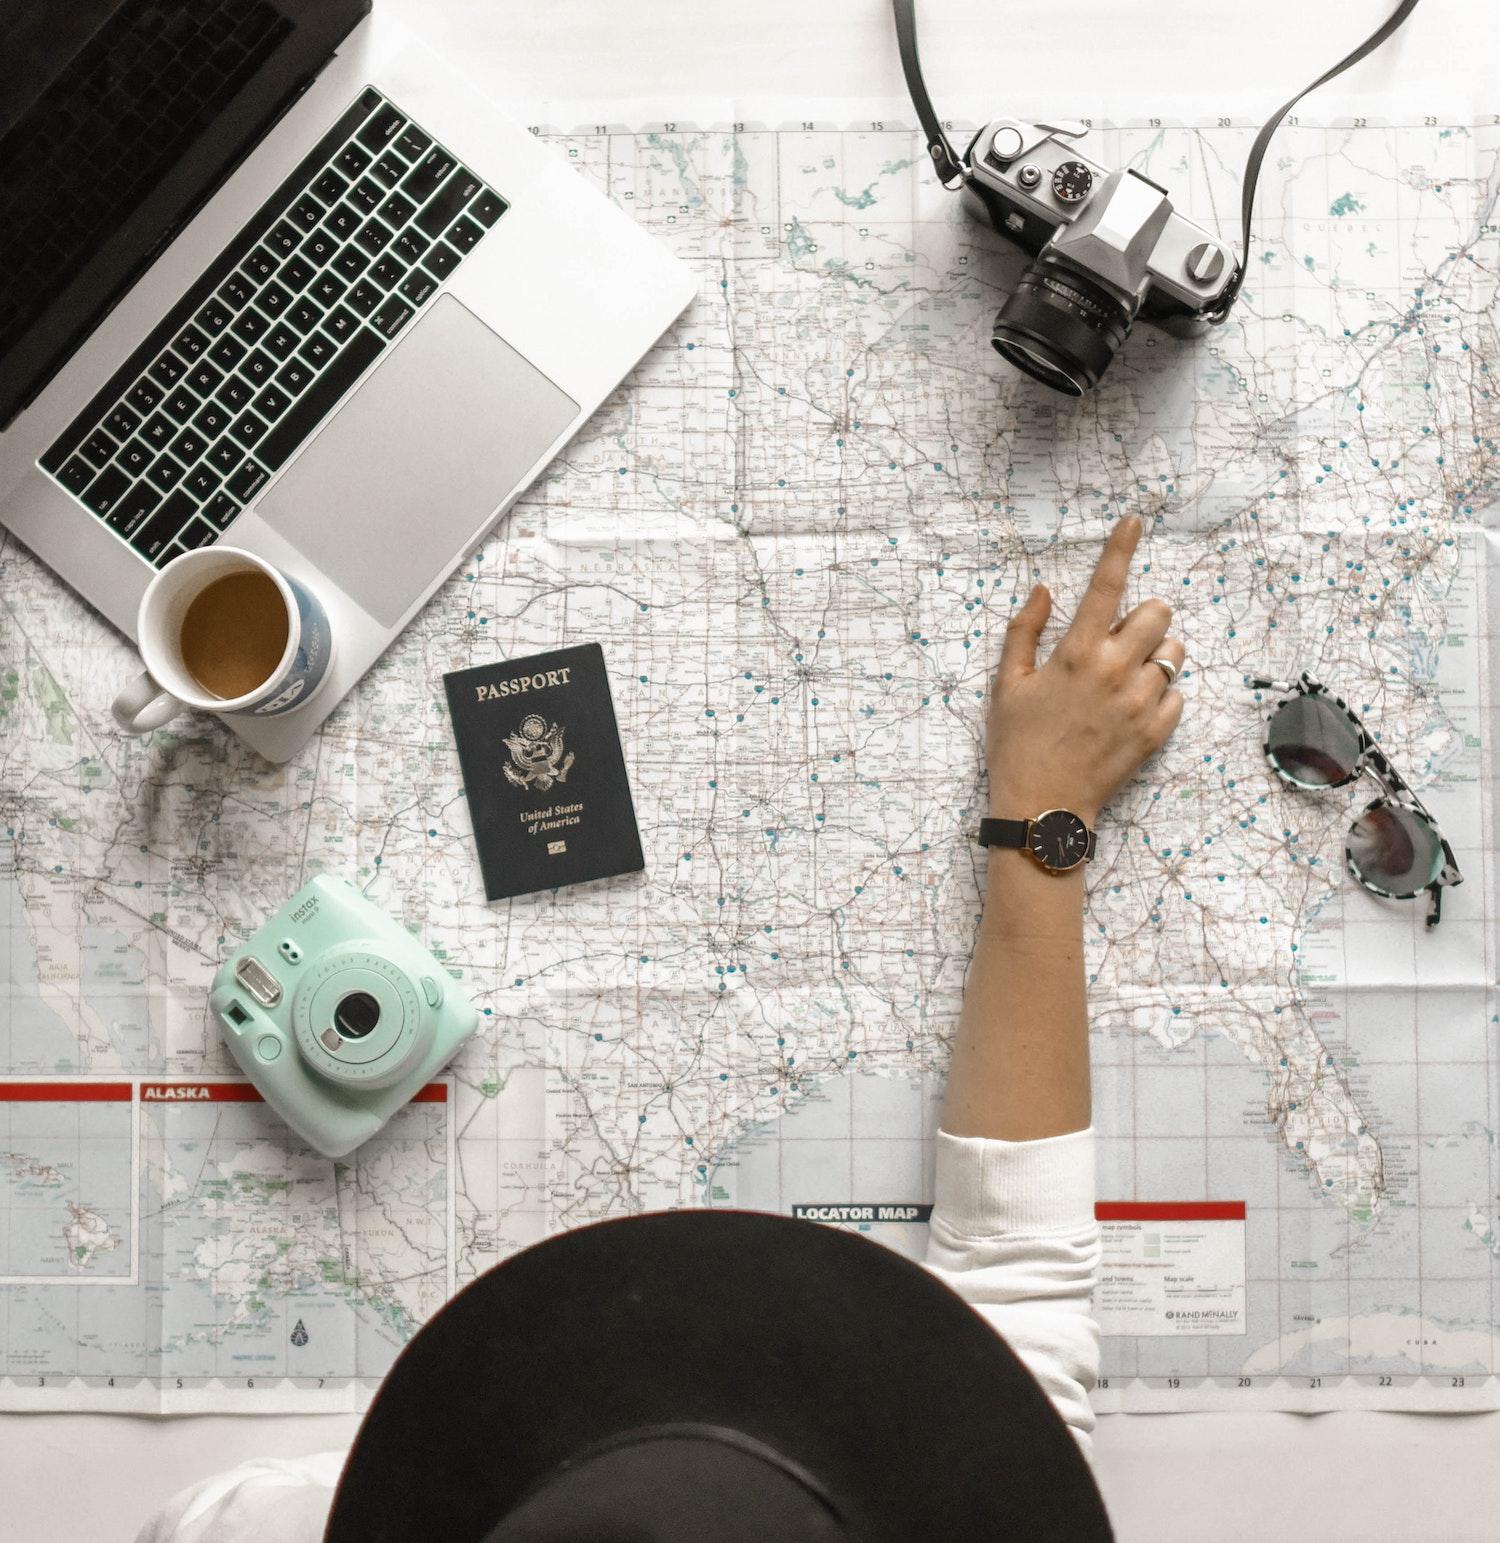 ordinateur_organisation_personne_appareil_photo_carte_voyage